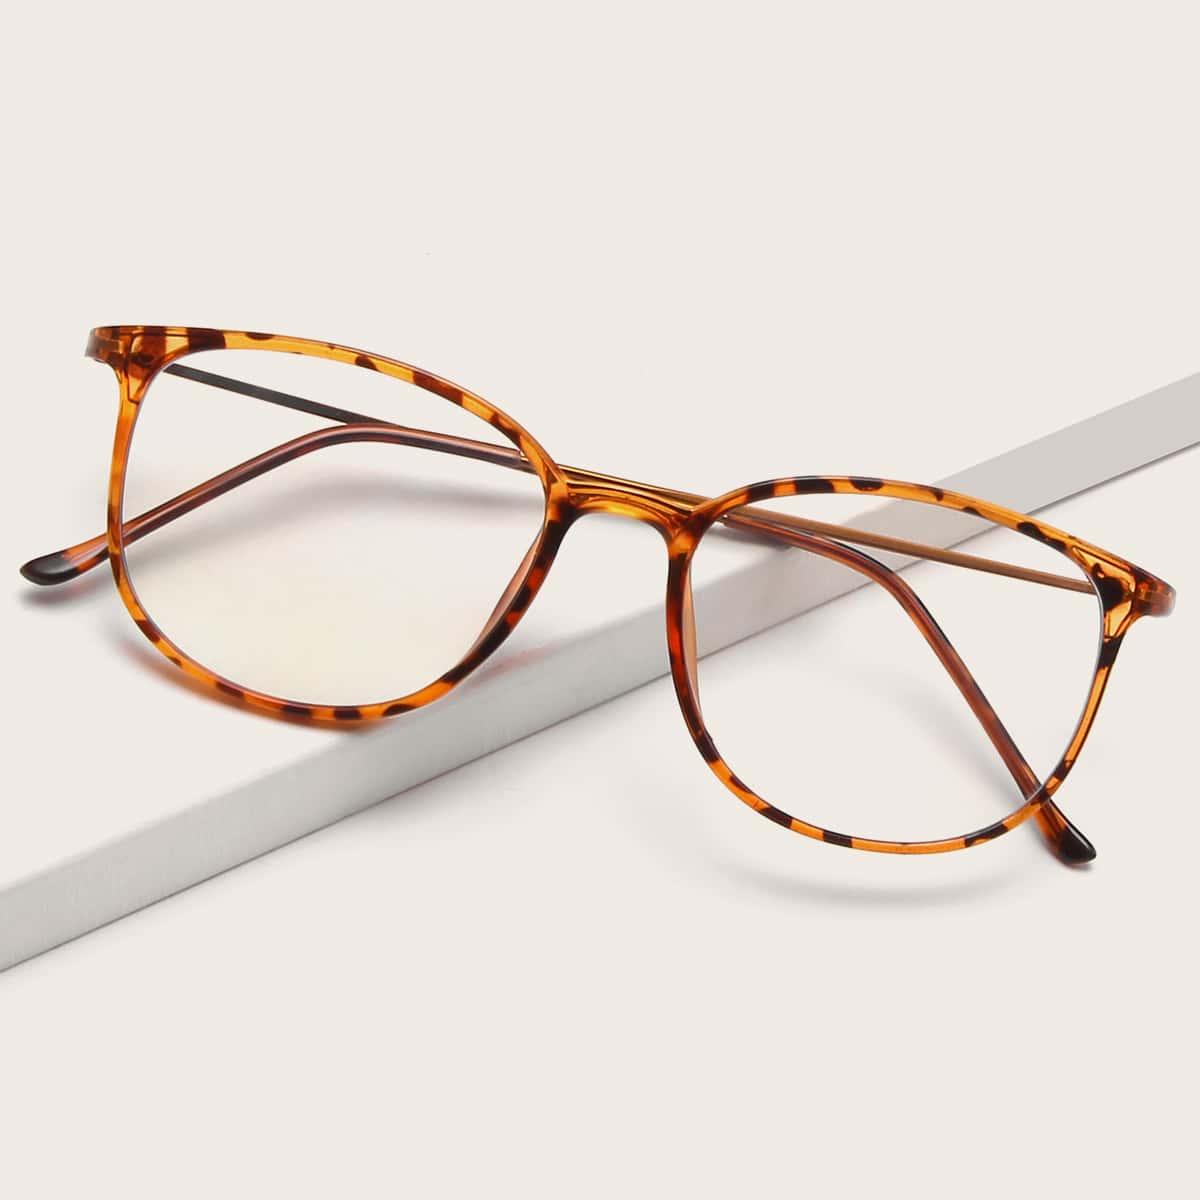 Brille mit Schildpatt Muster Rahmen